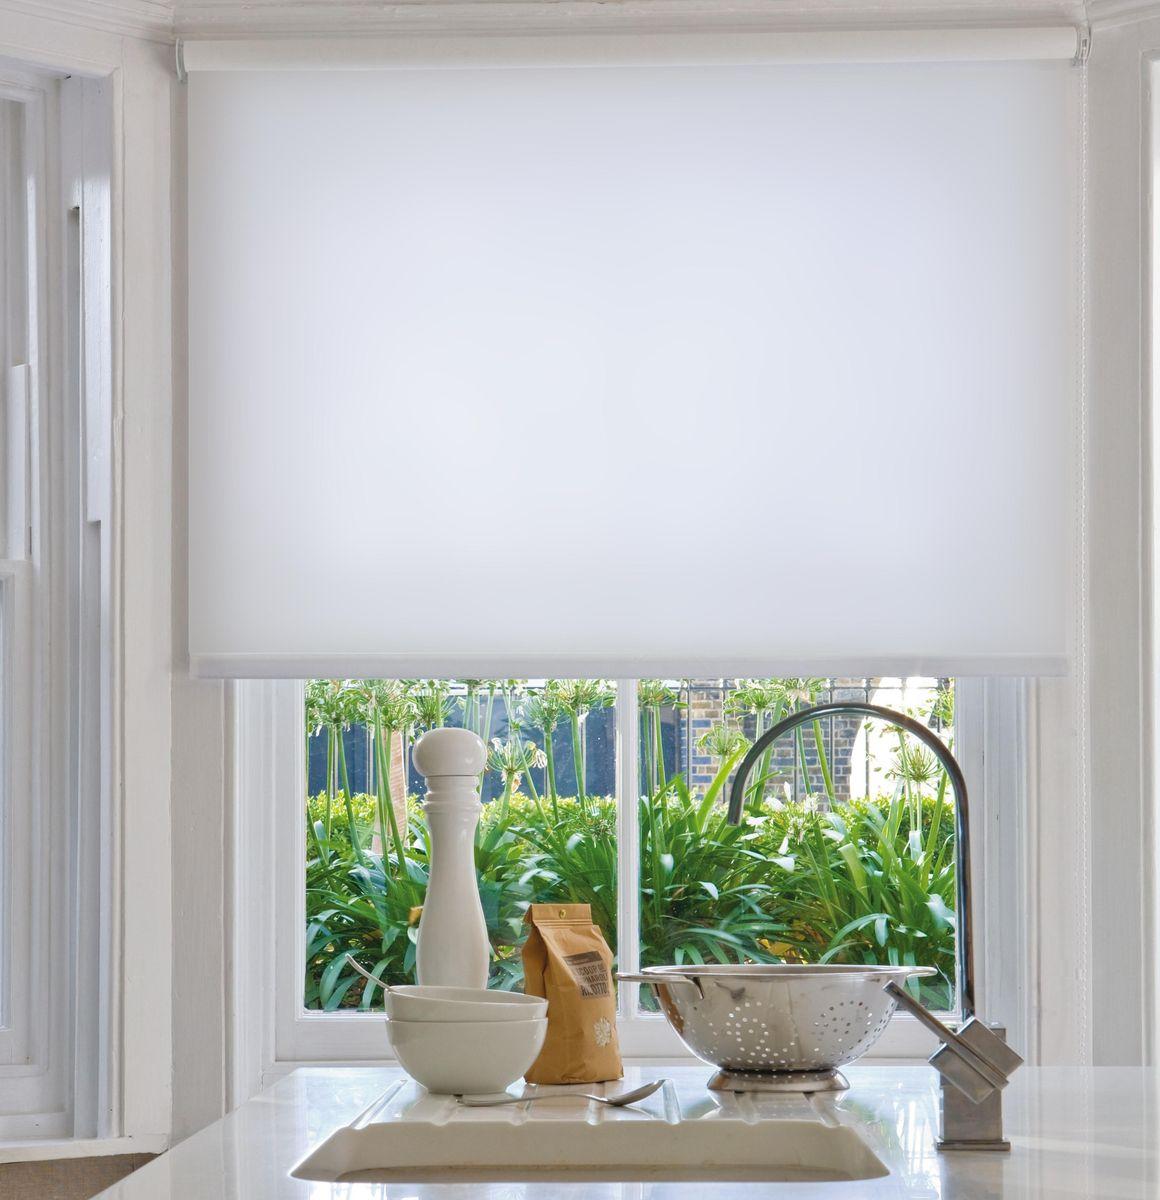 Штора рулонная Эскар, цвет: белый, ширина 160 см, высота 170 см8008160170Рулонными шторами можно оформлять окна как самостоятельно, так и использовать в комбинации с портьерами. Это поможет предотвратить выгорание дорогой ткани на солнце и соединит функционал рулонных с красотой навесных. Преимущества применения рулонных штор для пластиковых окон: - имеют прекрасный внешний вид: многообразие и фактурность материала изделия отлично смотрятся в любом интерьере; - многофункциональны: есть возможность подобрать шторы способные эффективно защитить комнату от солнца, при этом о на не будет слишком темной. - Есть возможность осуществить быстрый монтаж. ВНИМАНИЕ! Размеры ширины изделия указаны по ширине ткани! Во время эксплуатации не рекомендуется полностью разматывать рулон, чтобы не оторвать ткань от намоточного вала. В случае загрязнения поверхности ткани, чистку шторы проводят одним из способов, в зависимости от типа загрязнения: легкое поверхностное загрязнение можно удалить при помощи...